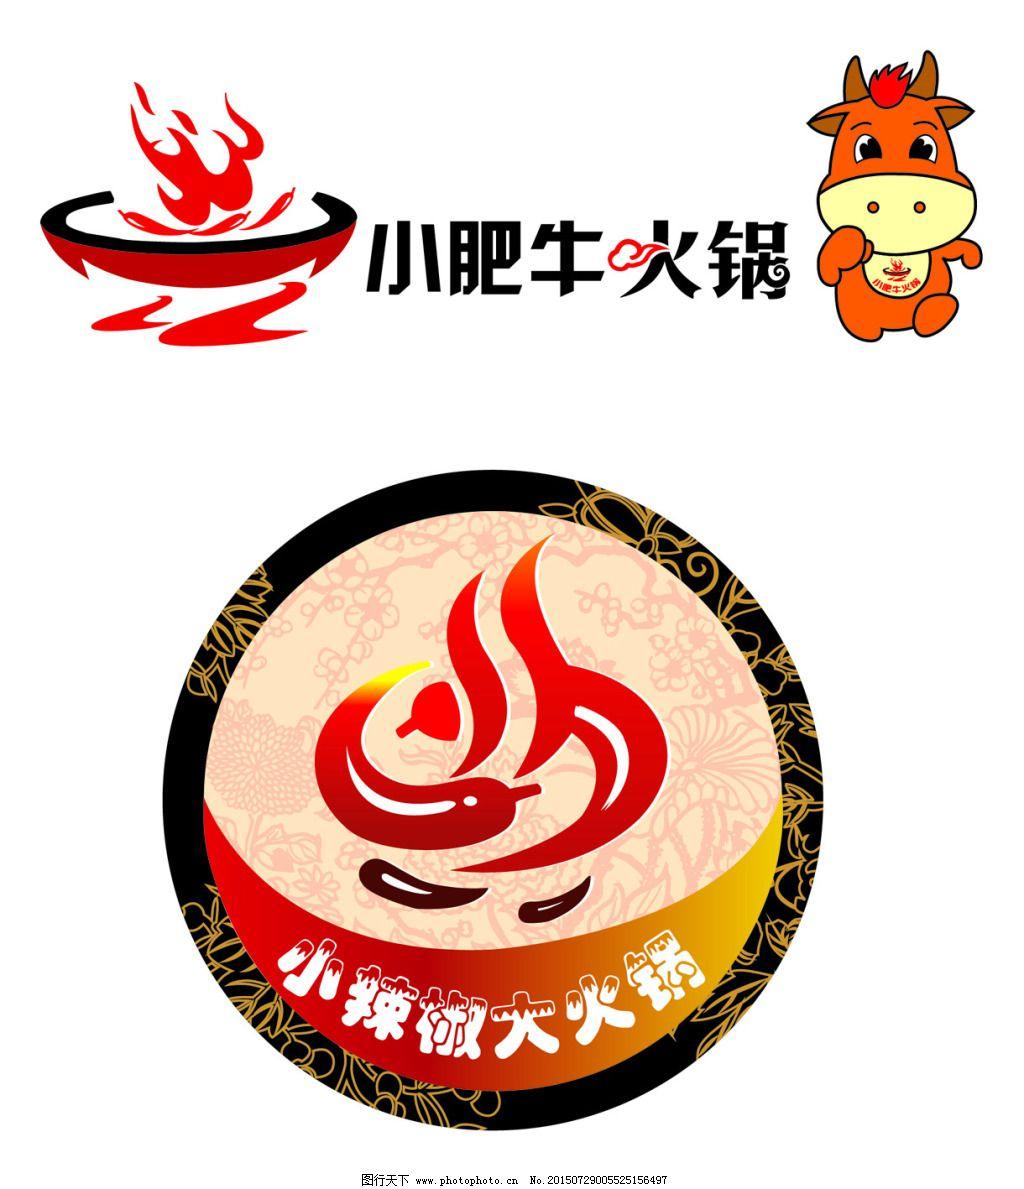 火锅元素手绘图片素材